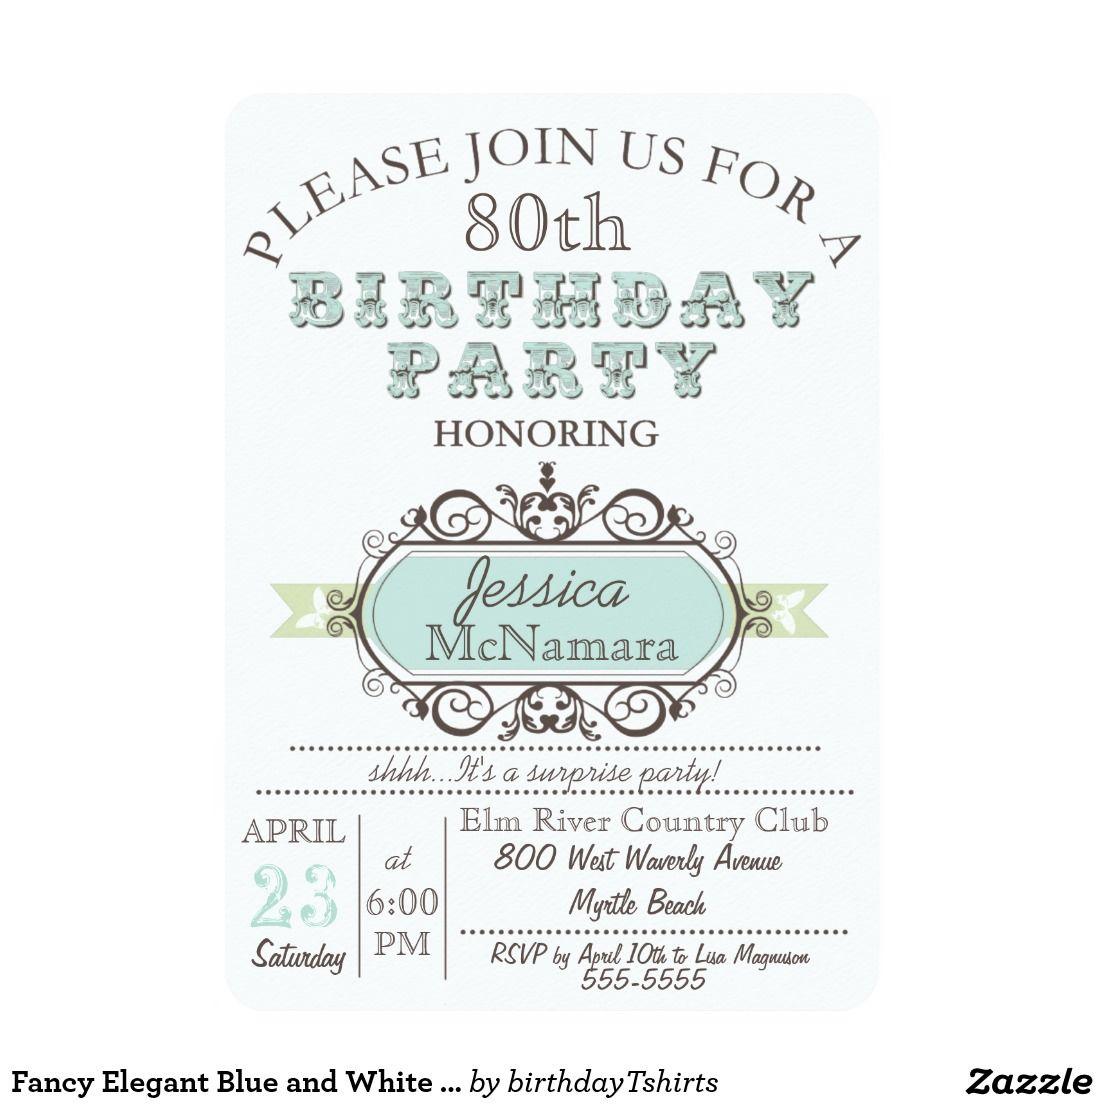 Fancy Elegant Blue and White Birthday Invitation | Decor | Pinterest